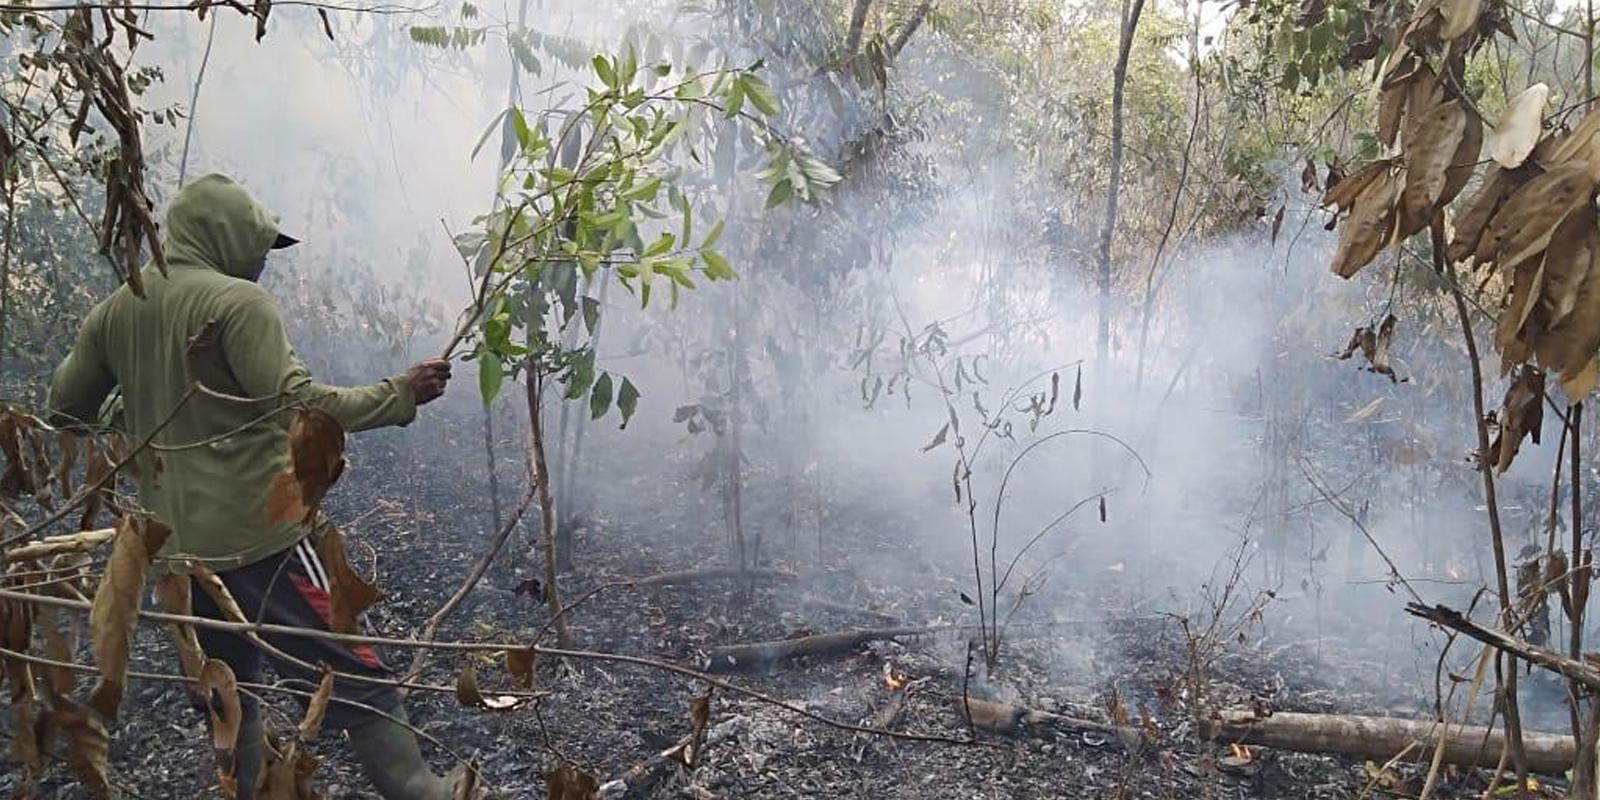 Extreme Trockenzeit auf Sumatra: Immer wieder müssen die Mahouts ausrücken, um Feuer zu löschen